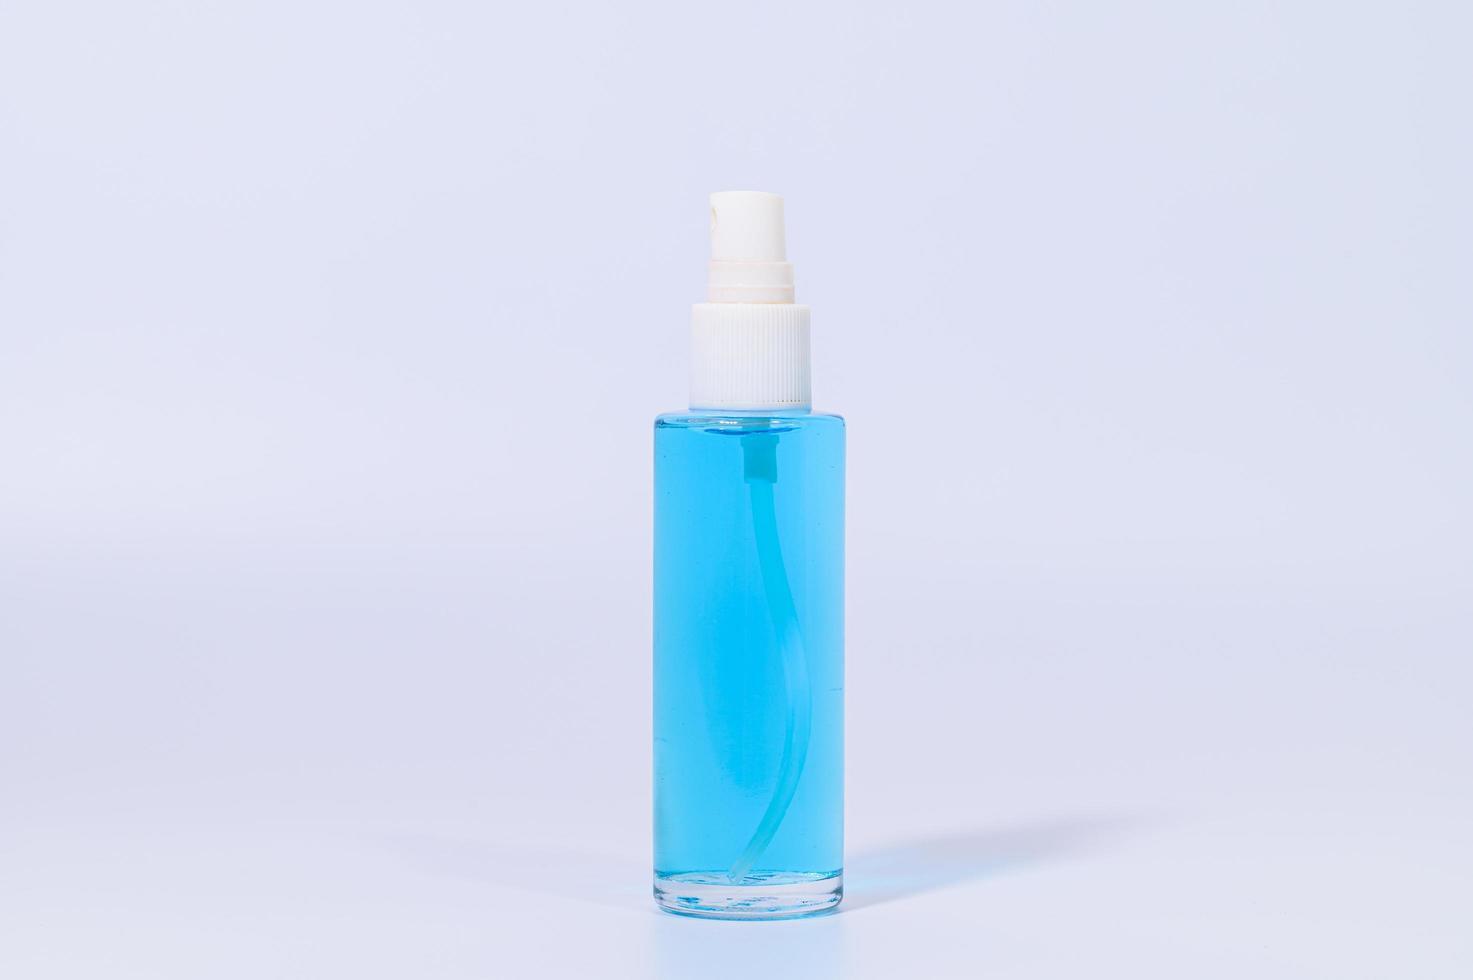 gel d'alcool avec un liquide bleu photo